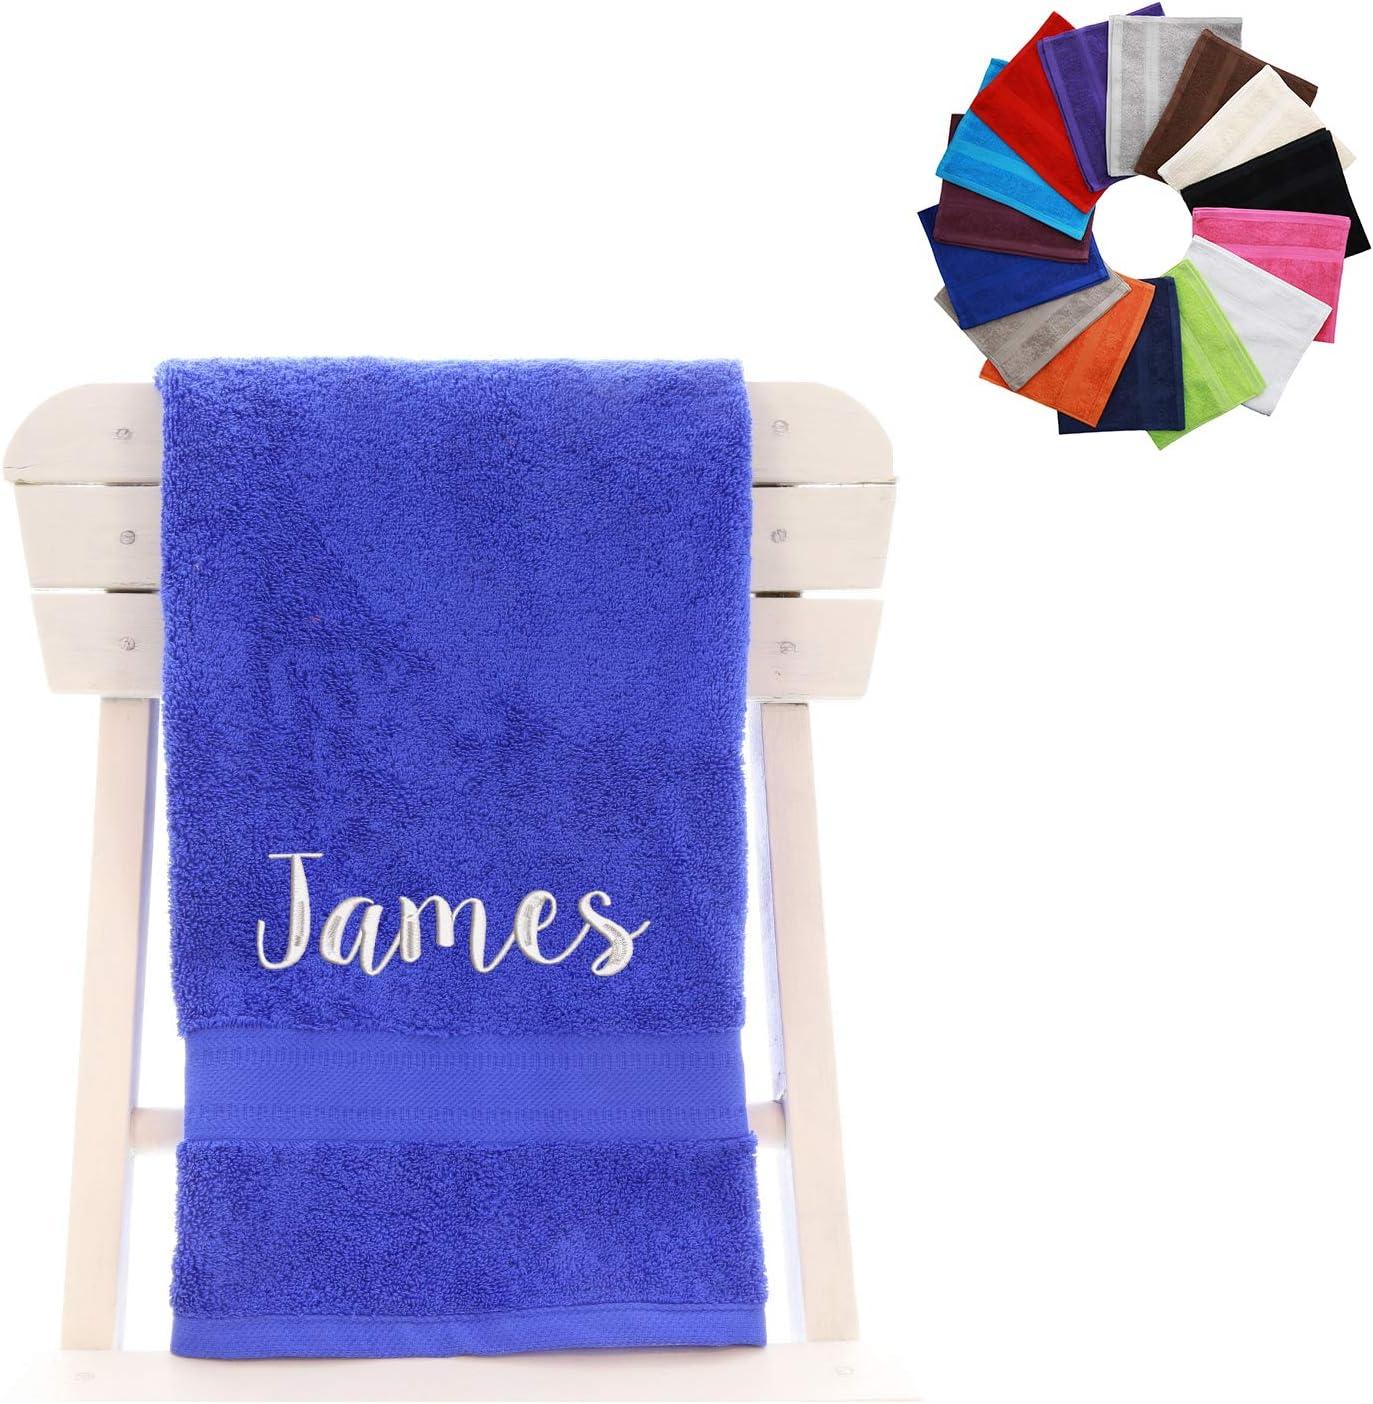 Toalla de personalizado con un nombre 100% algodón peinado, azul cobalto, Toalla de baño: Amazon.es: Hogar